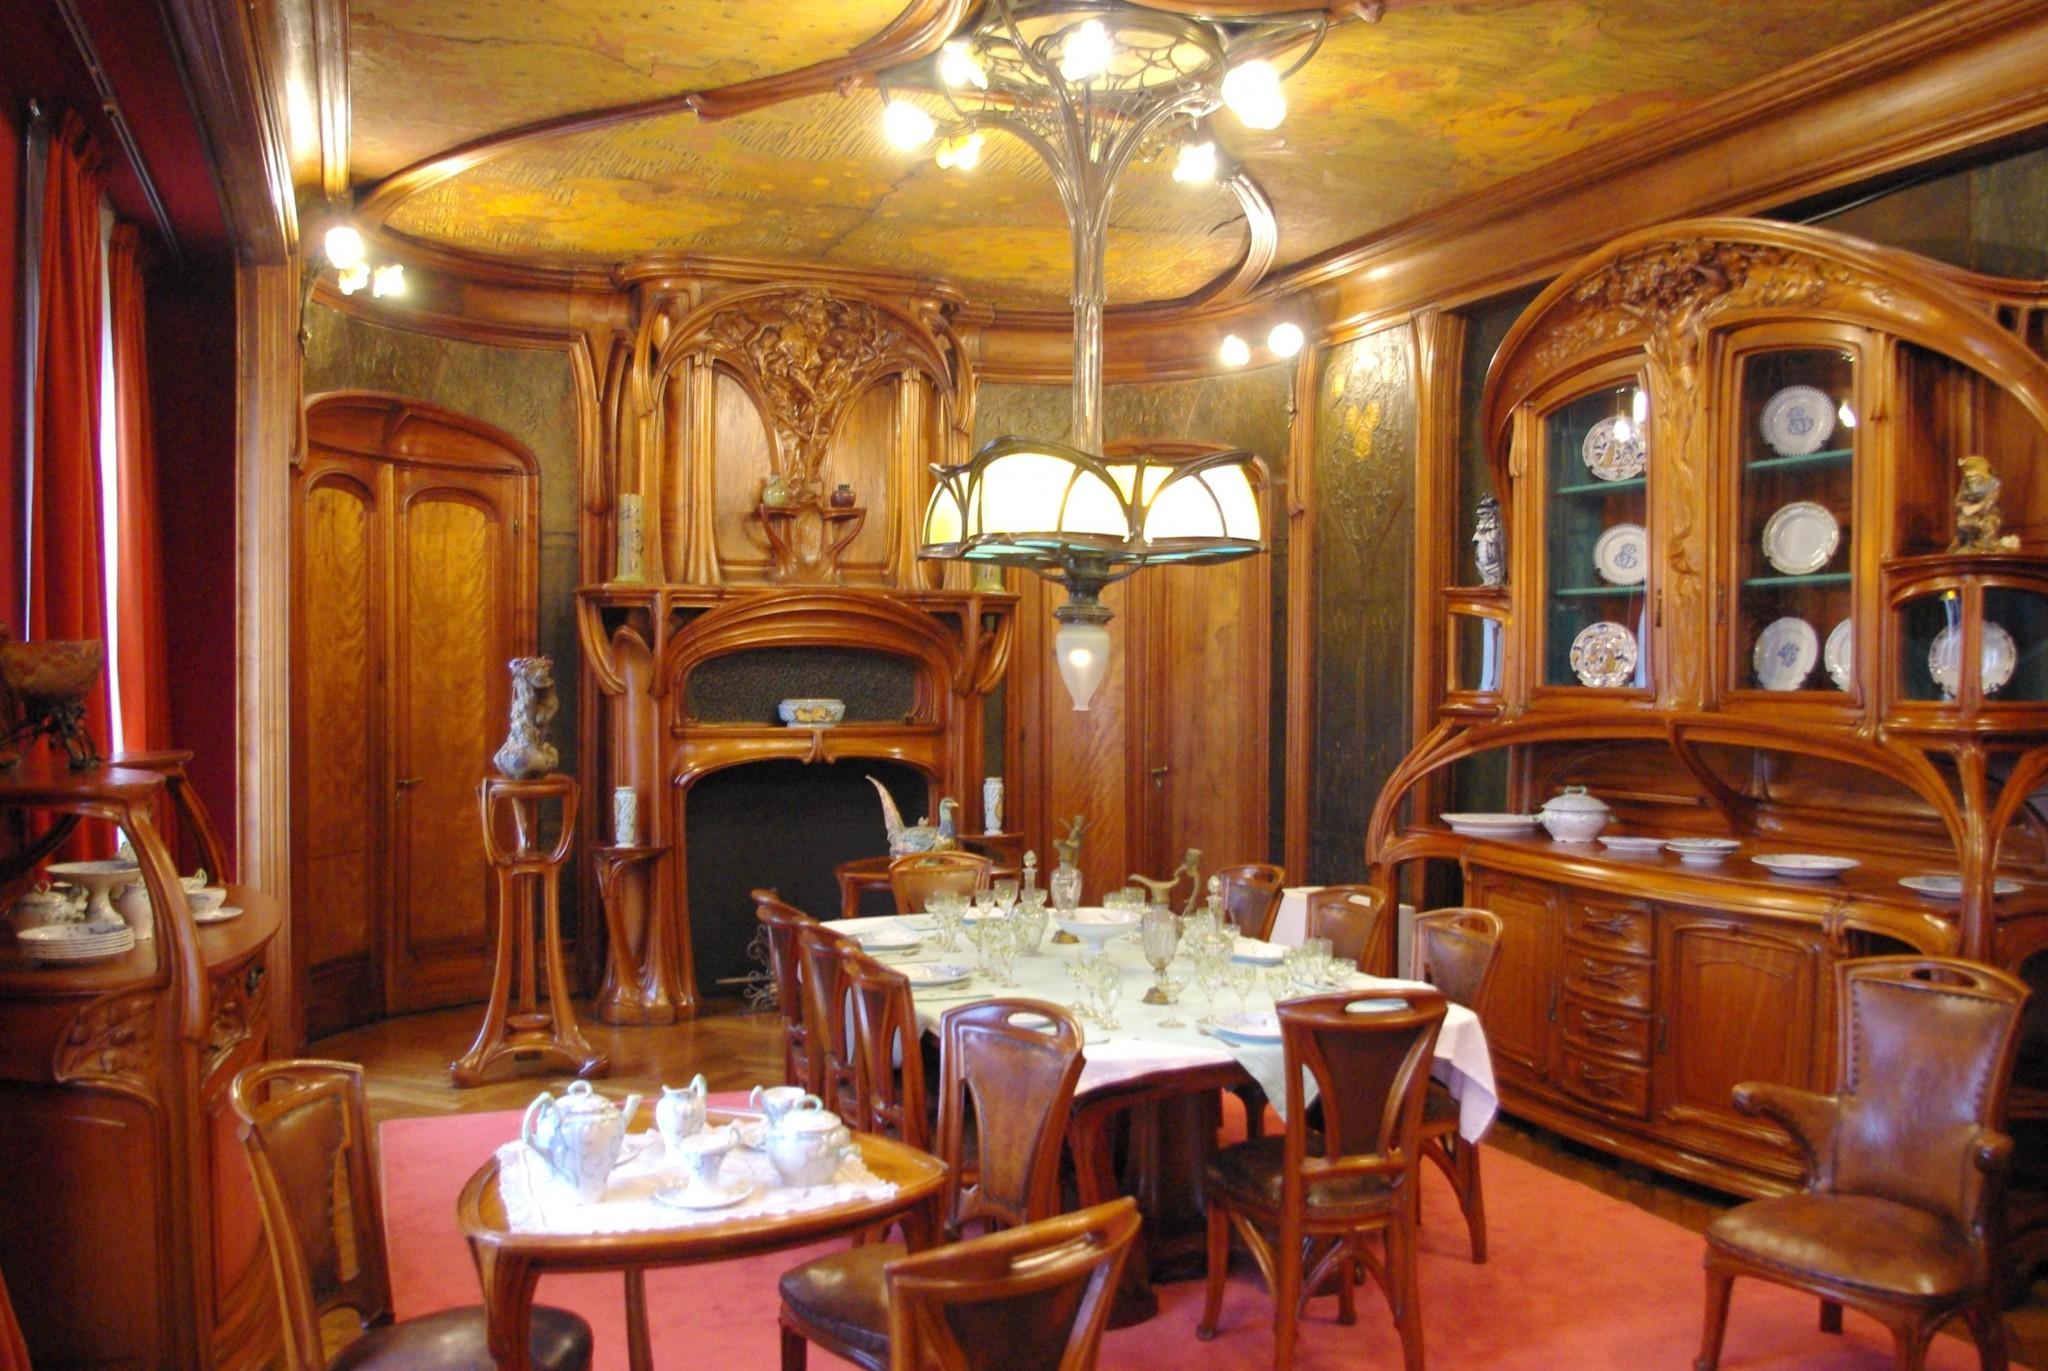 Art nouveau in nancy lorraine french moments - Cours de cuisine nancy ...